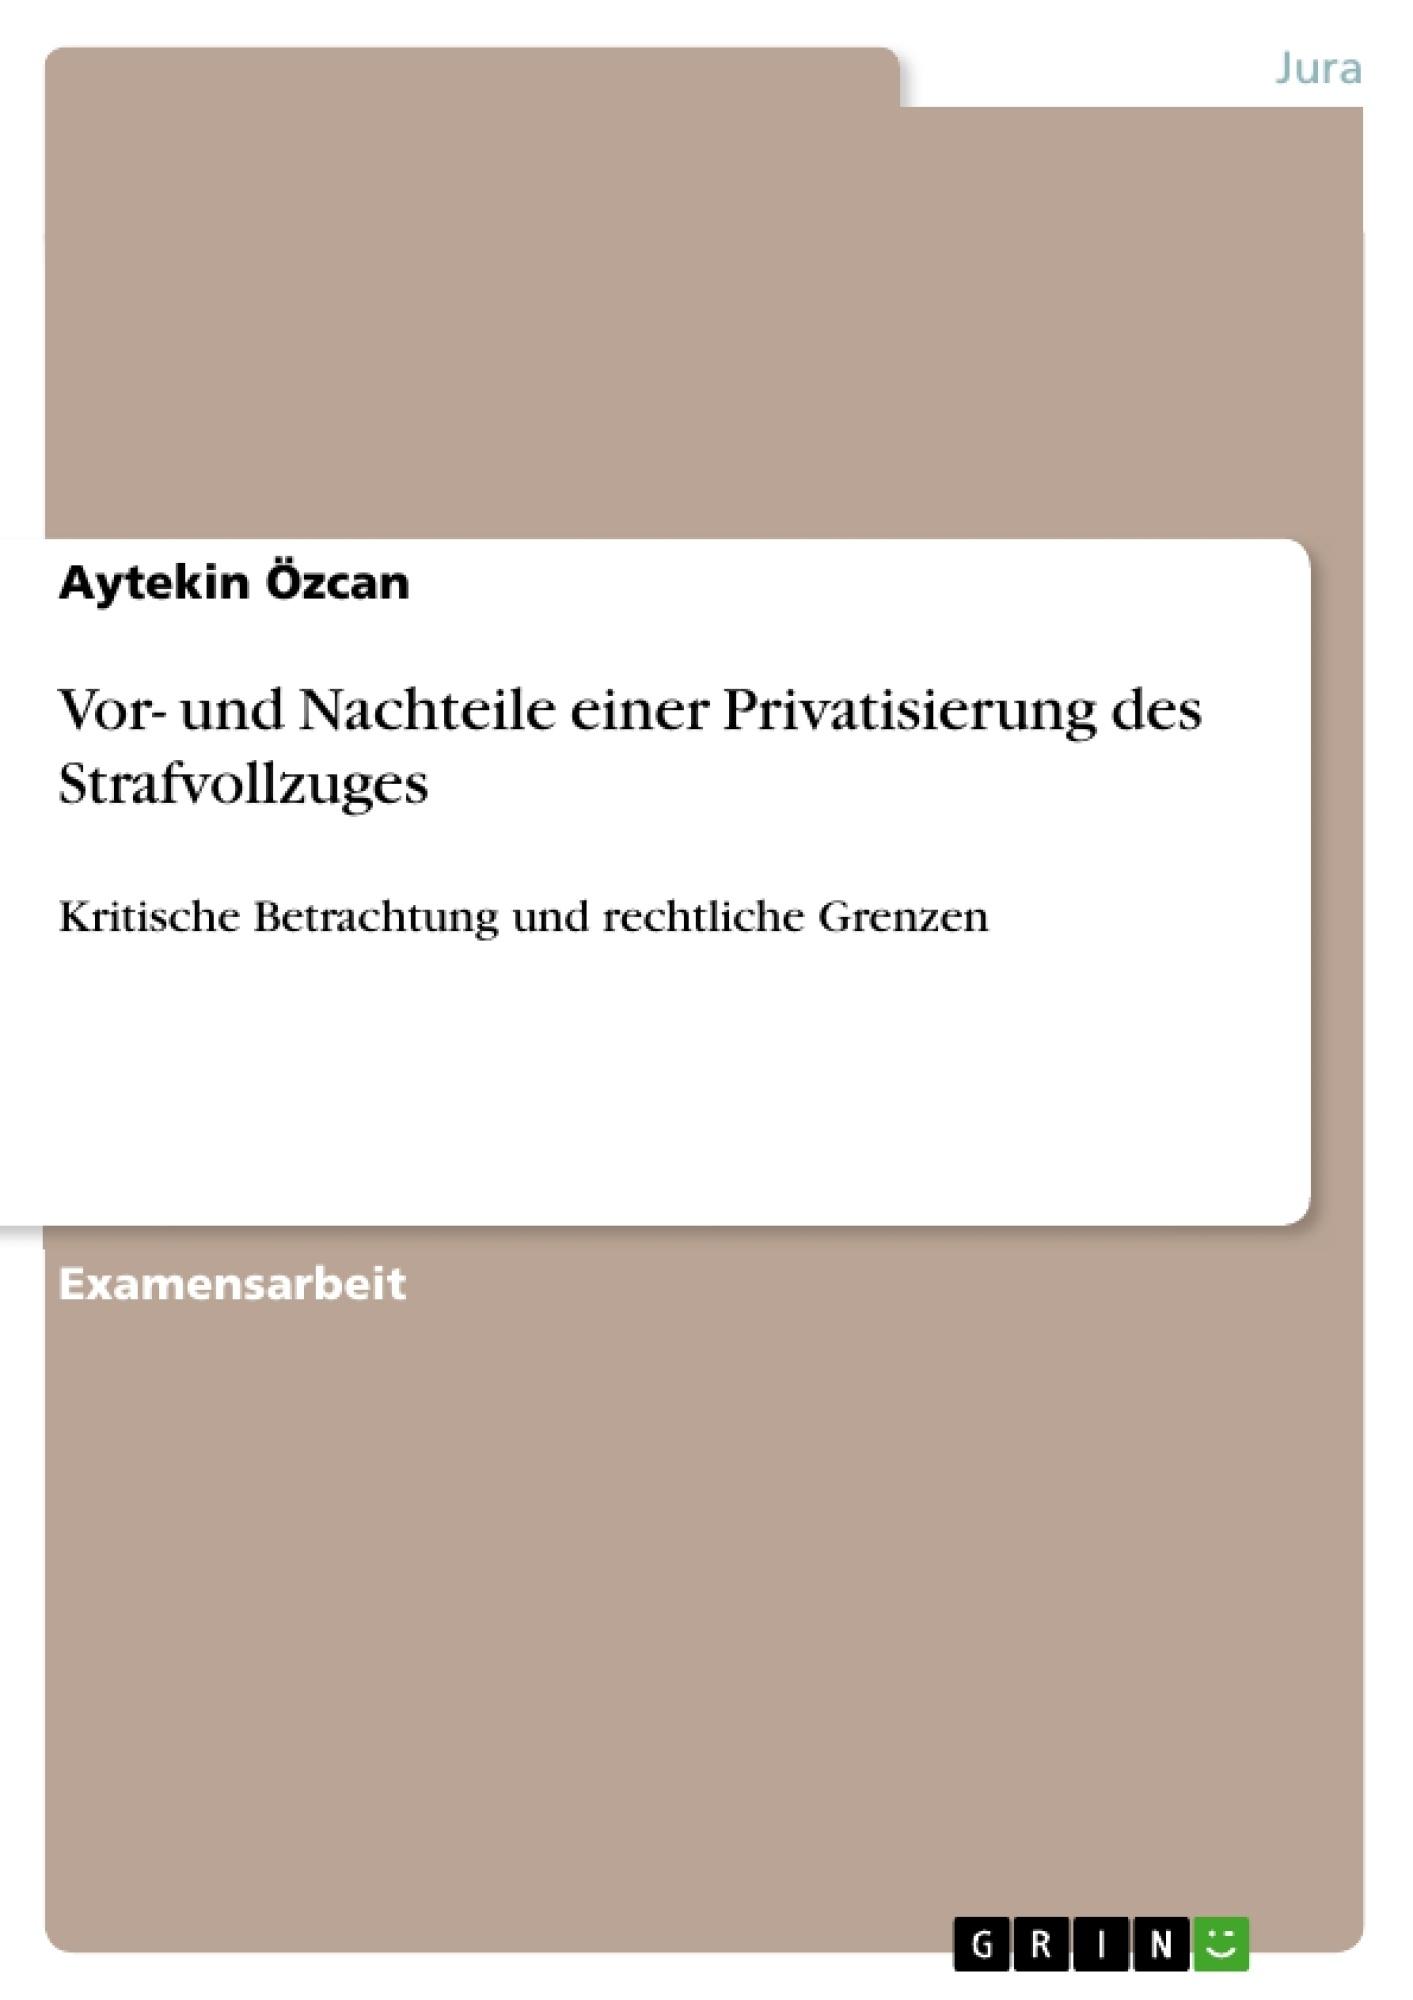 Titel: Vor- und Nachteile einer Privatisierung des Strafvollzuges